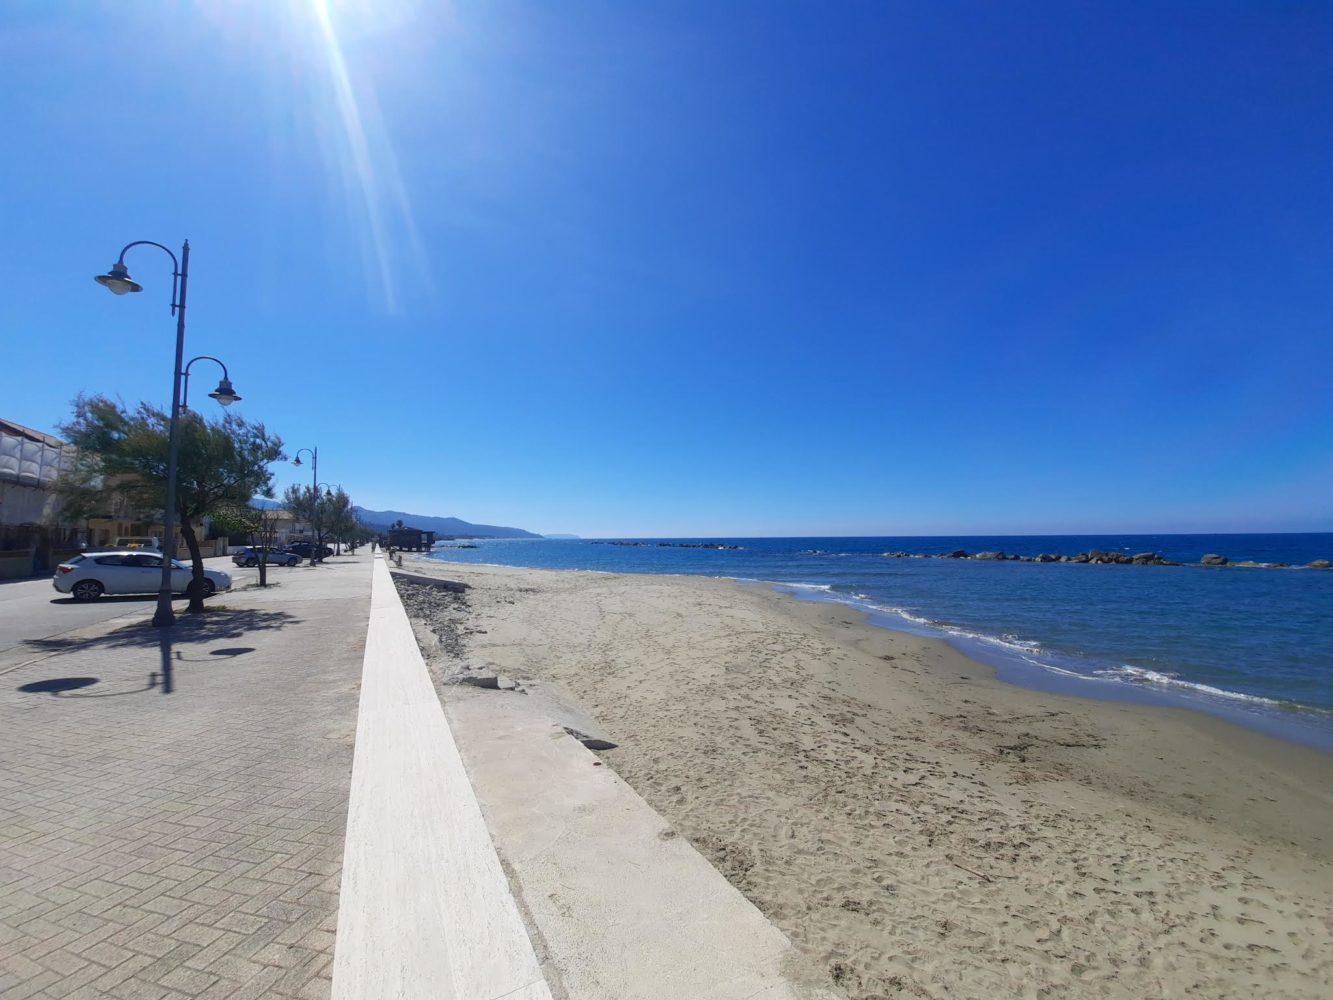 Le spiagge di Casal Velino spiaggia il cilentano (5)